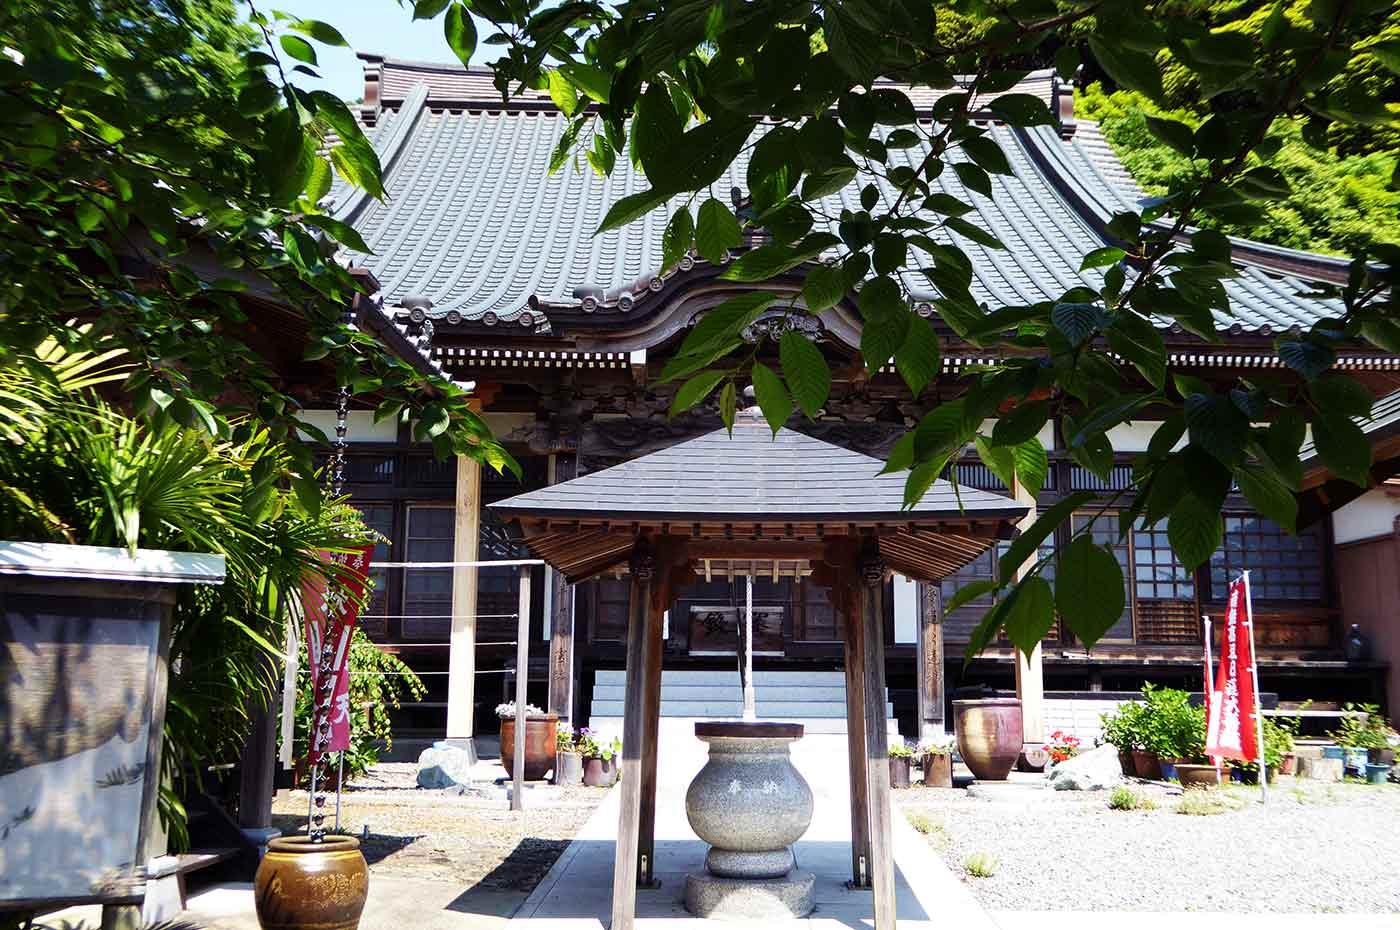 日運寺の本堂の画像